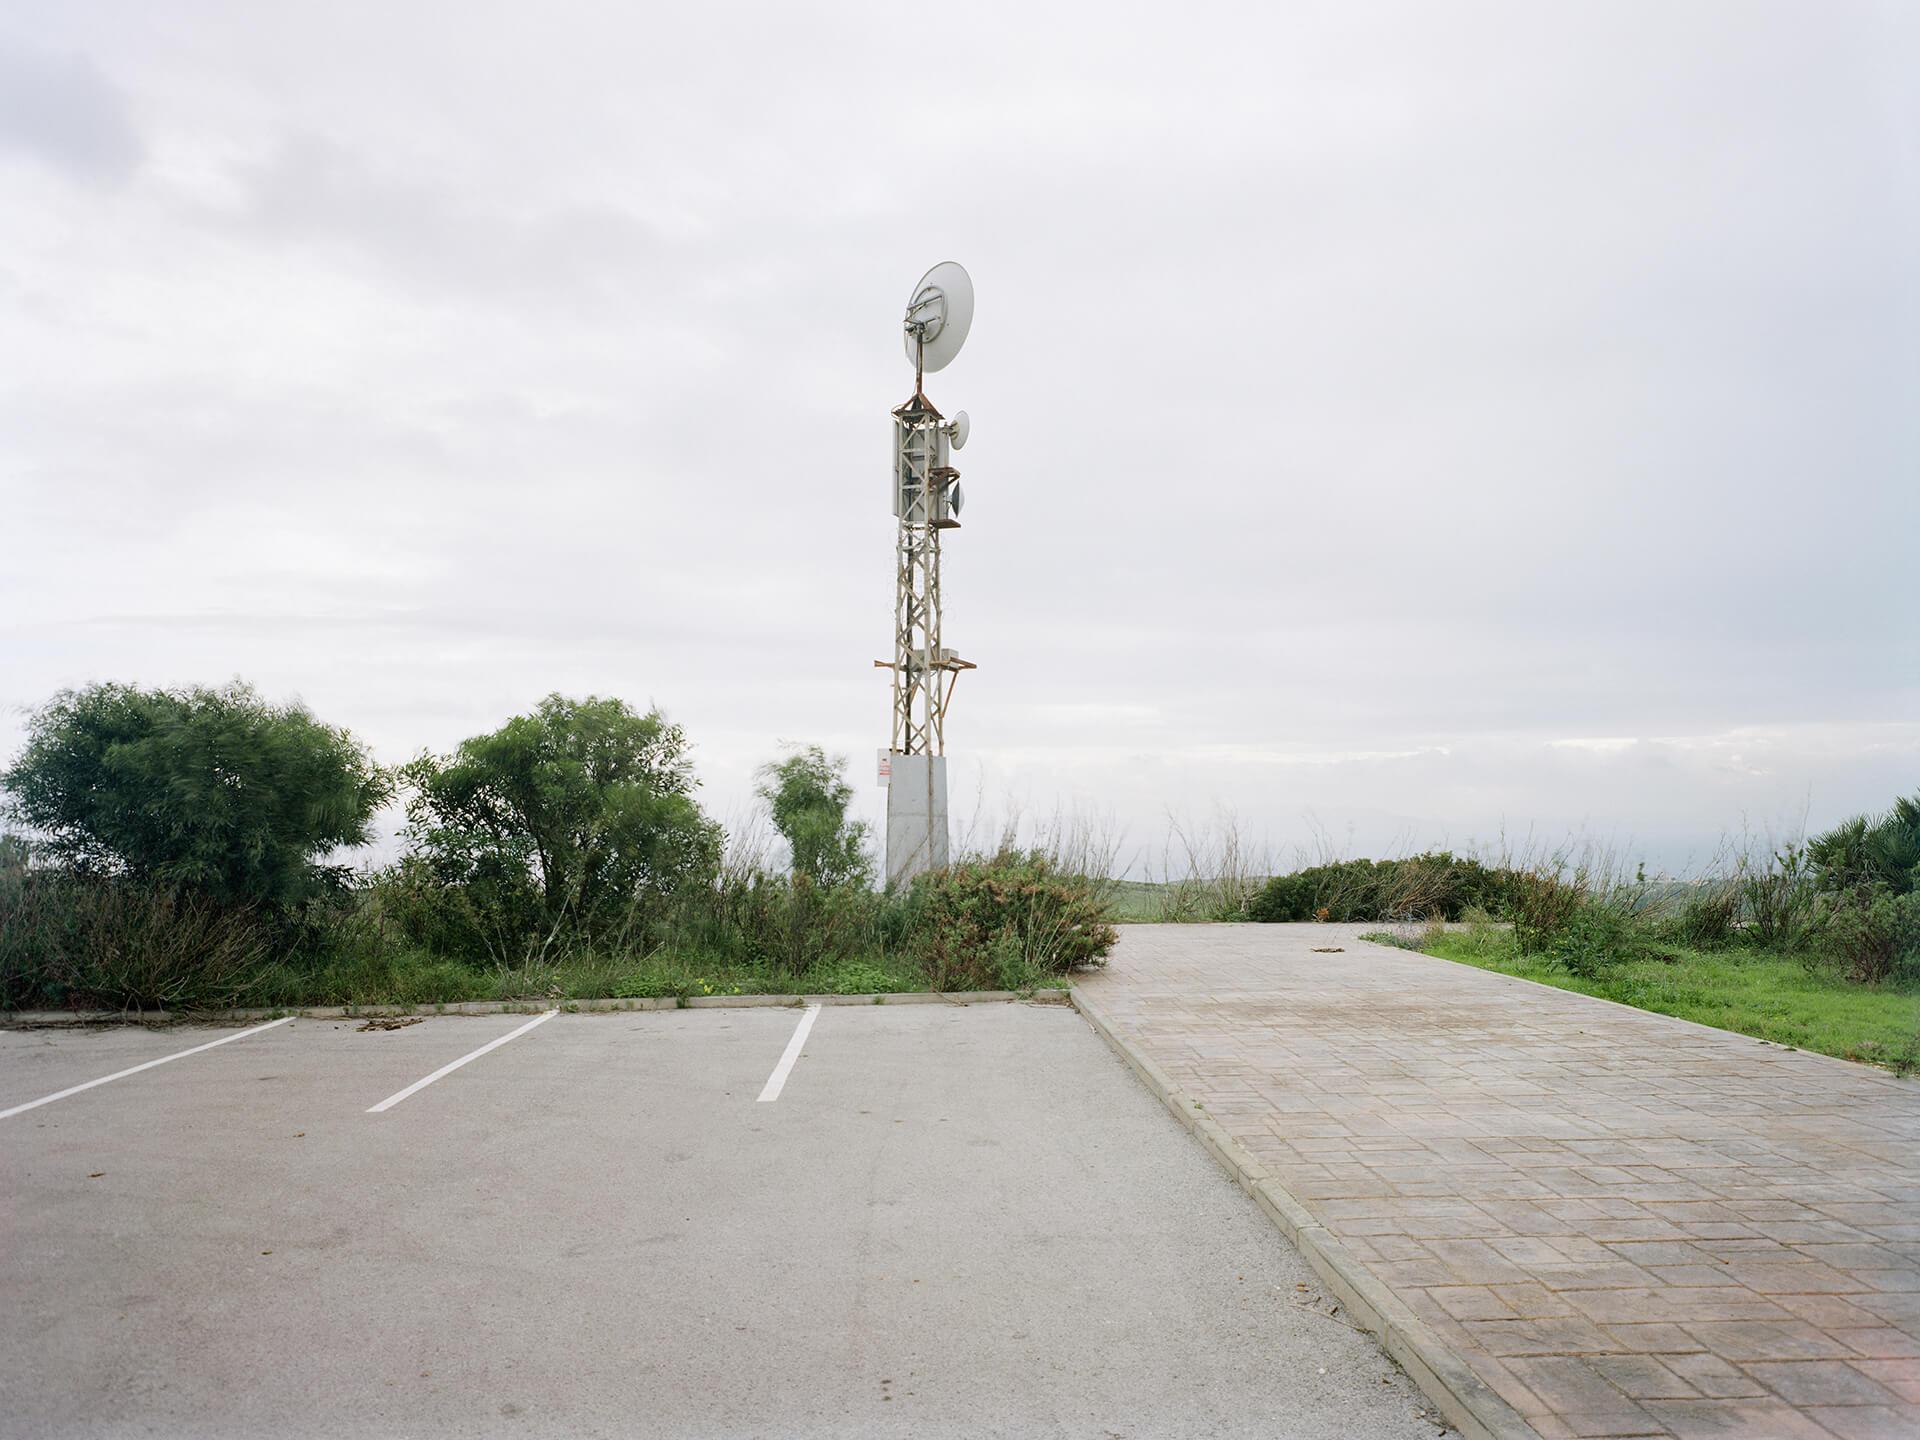 N-340 à Tarifa, route essentiellement côtière reliant l'Andalousie à la Catalogne.